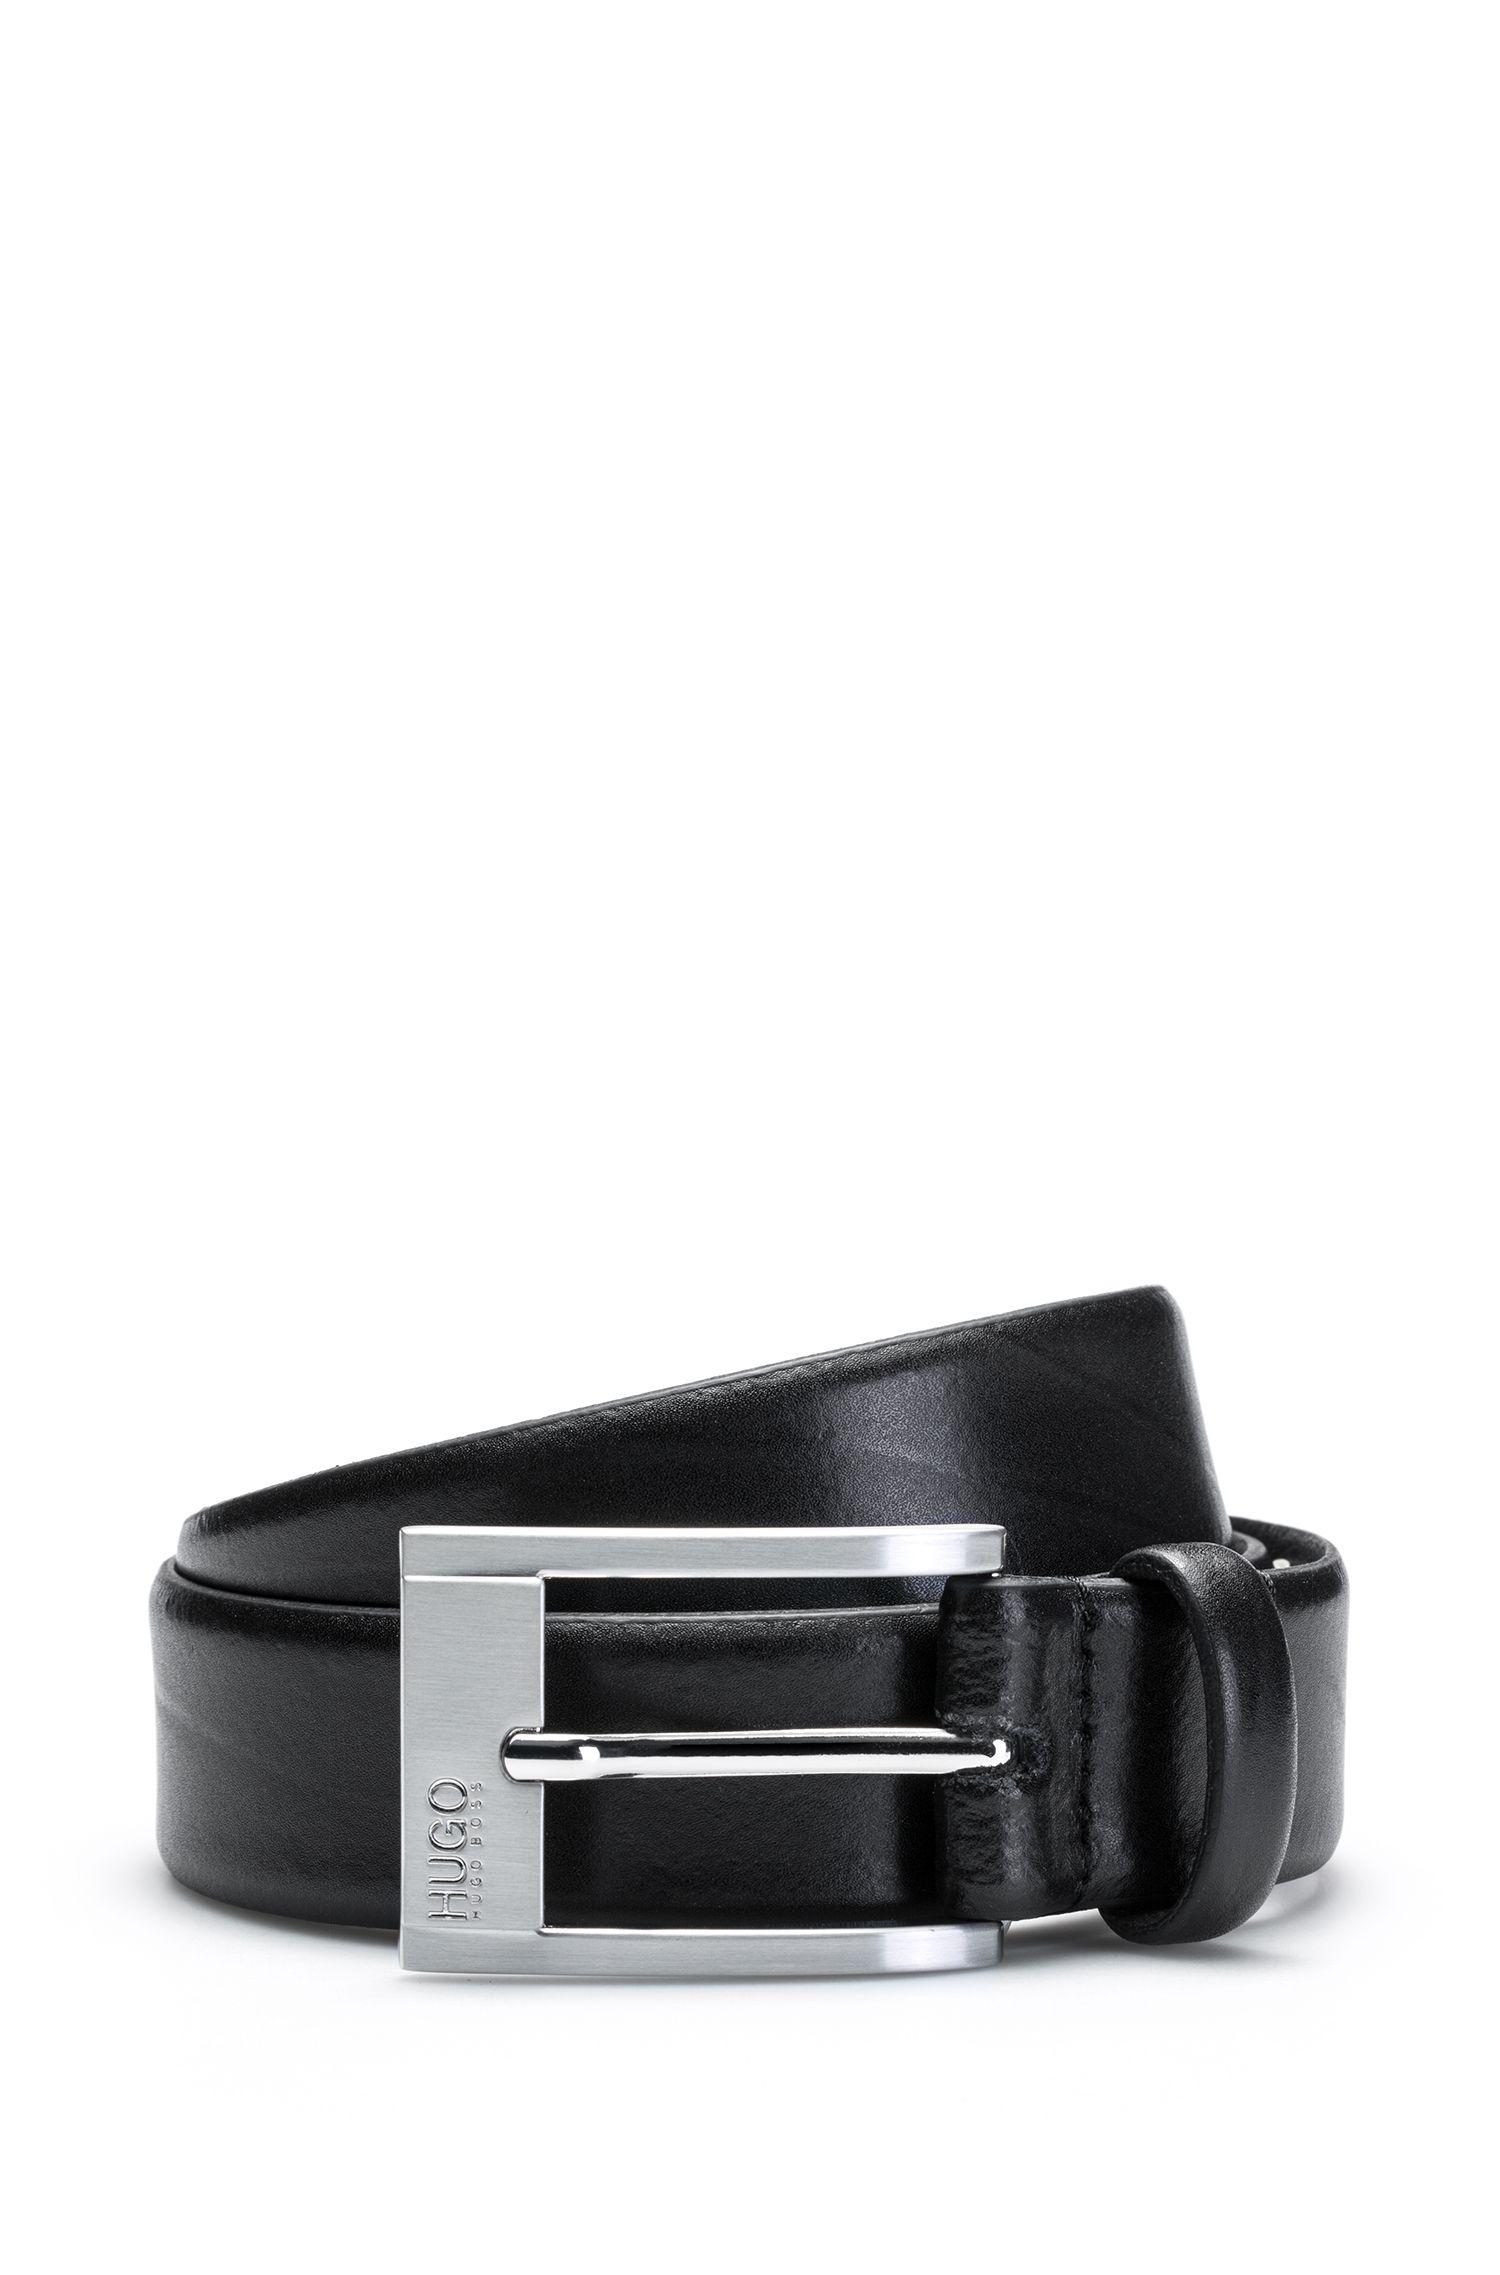 Cinturón de piel con hebilla grabada